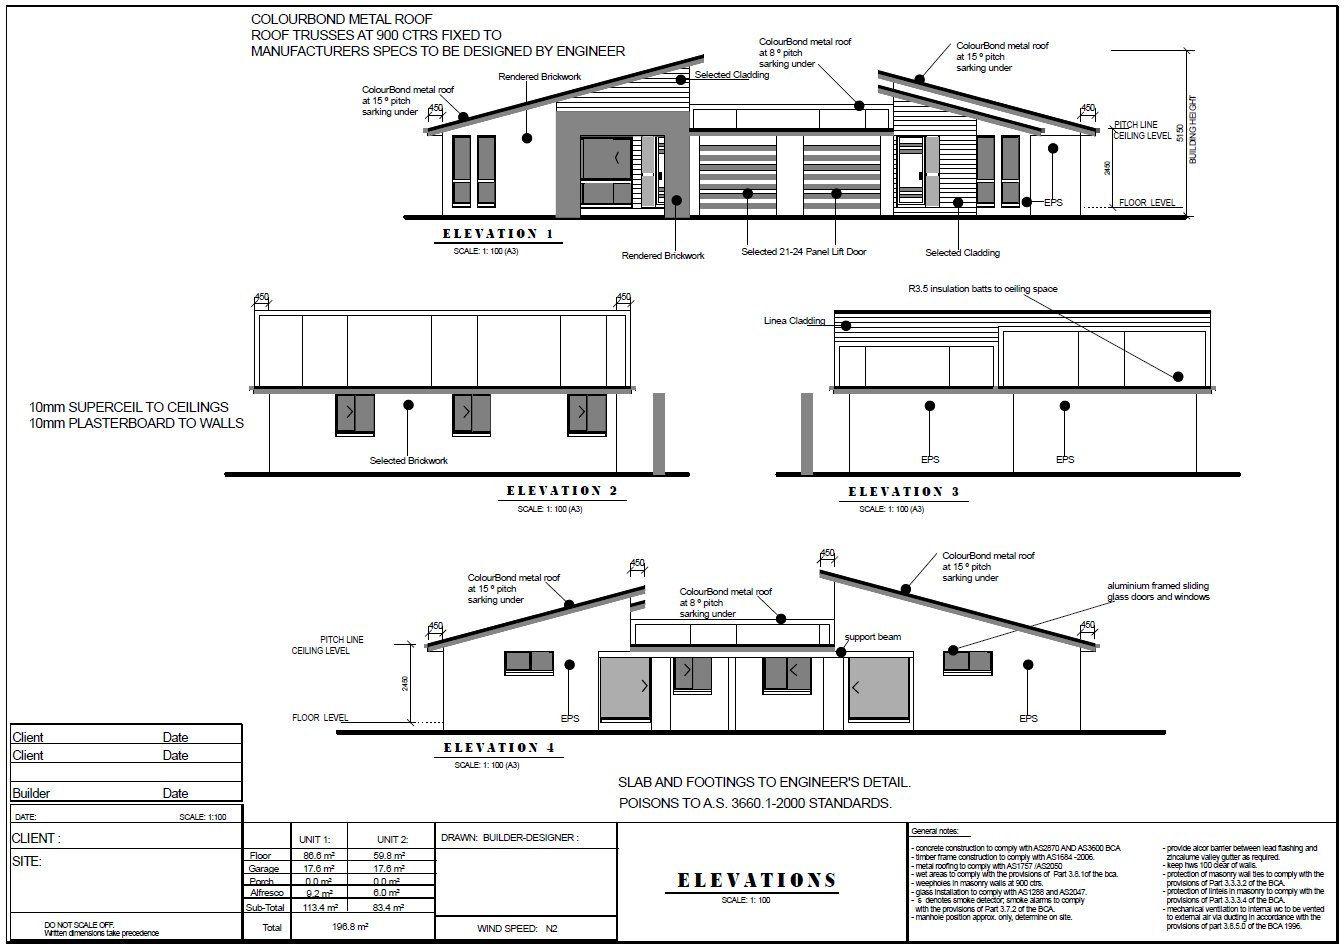 House Plans 2115 Sq Ft 196 M2 5 Bedrooms Duplex Design Modern Duplex Plans Concept Plans Usa Feet Inches Australian Metric Sizes Duplex Design House Plans Family House Plans